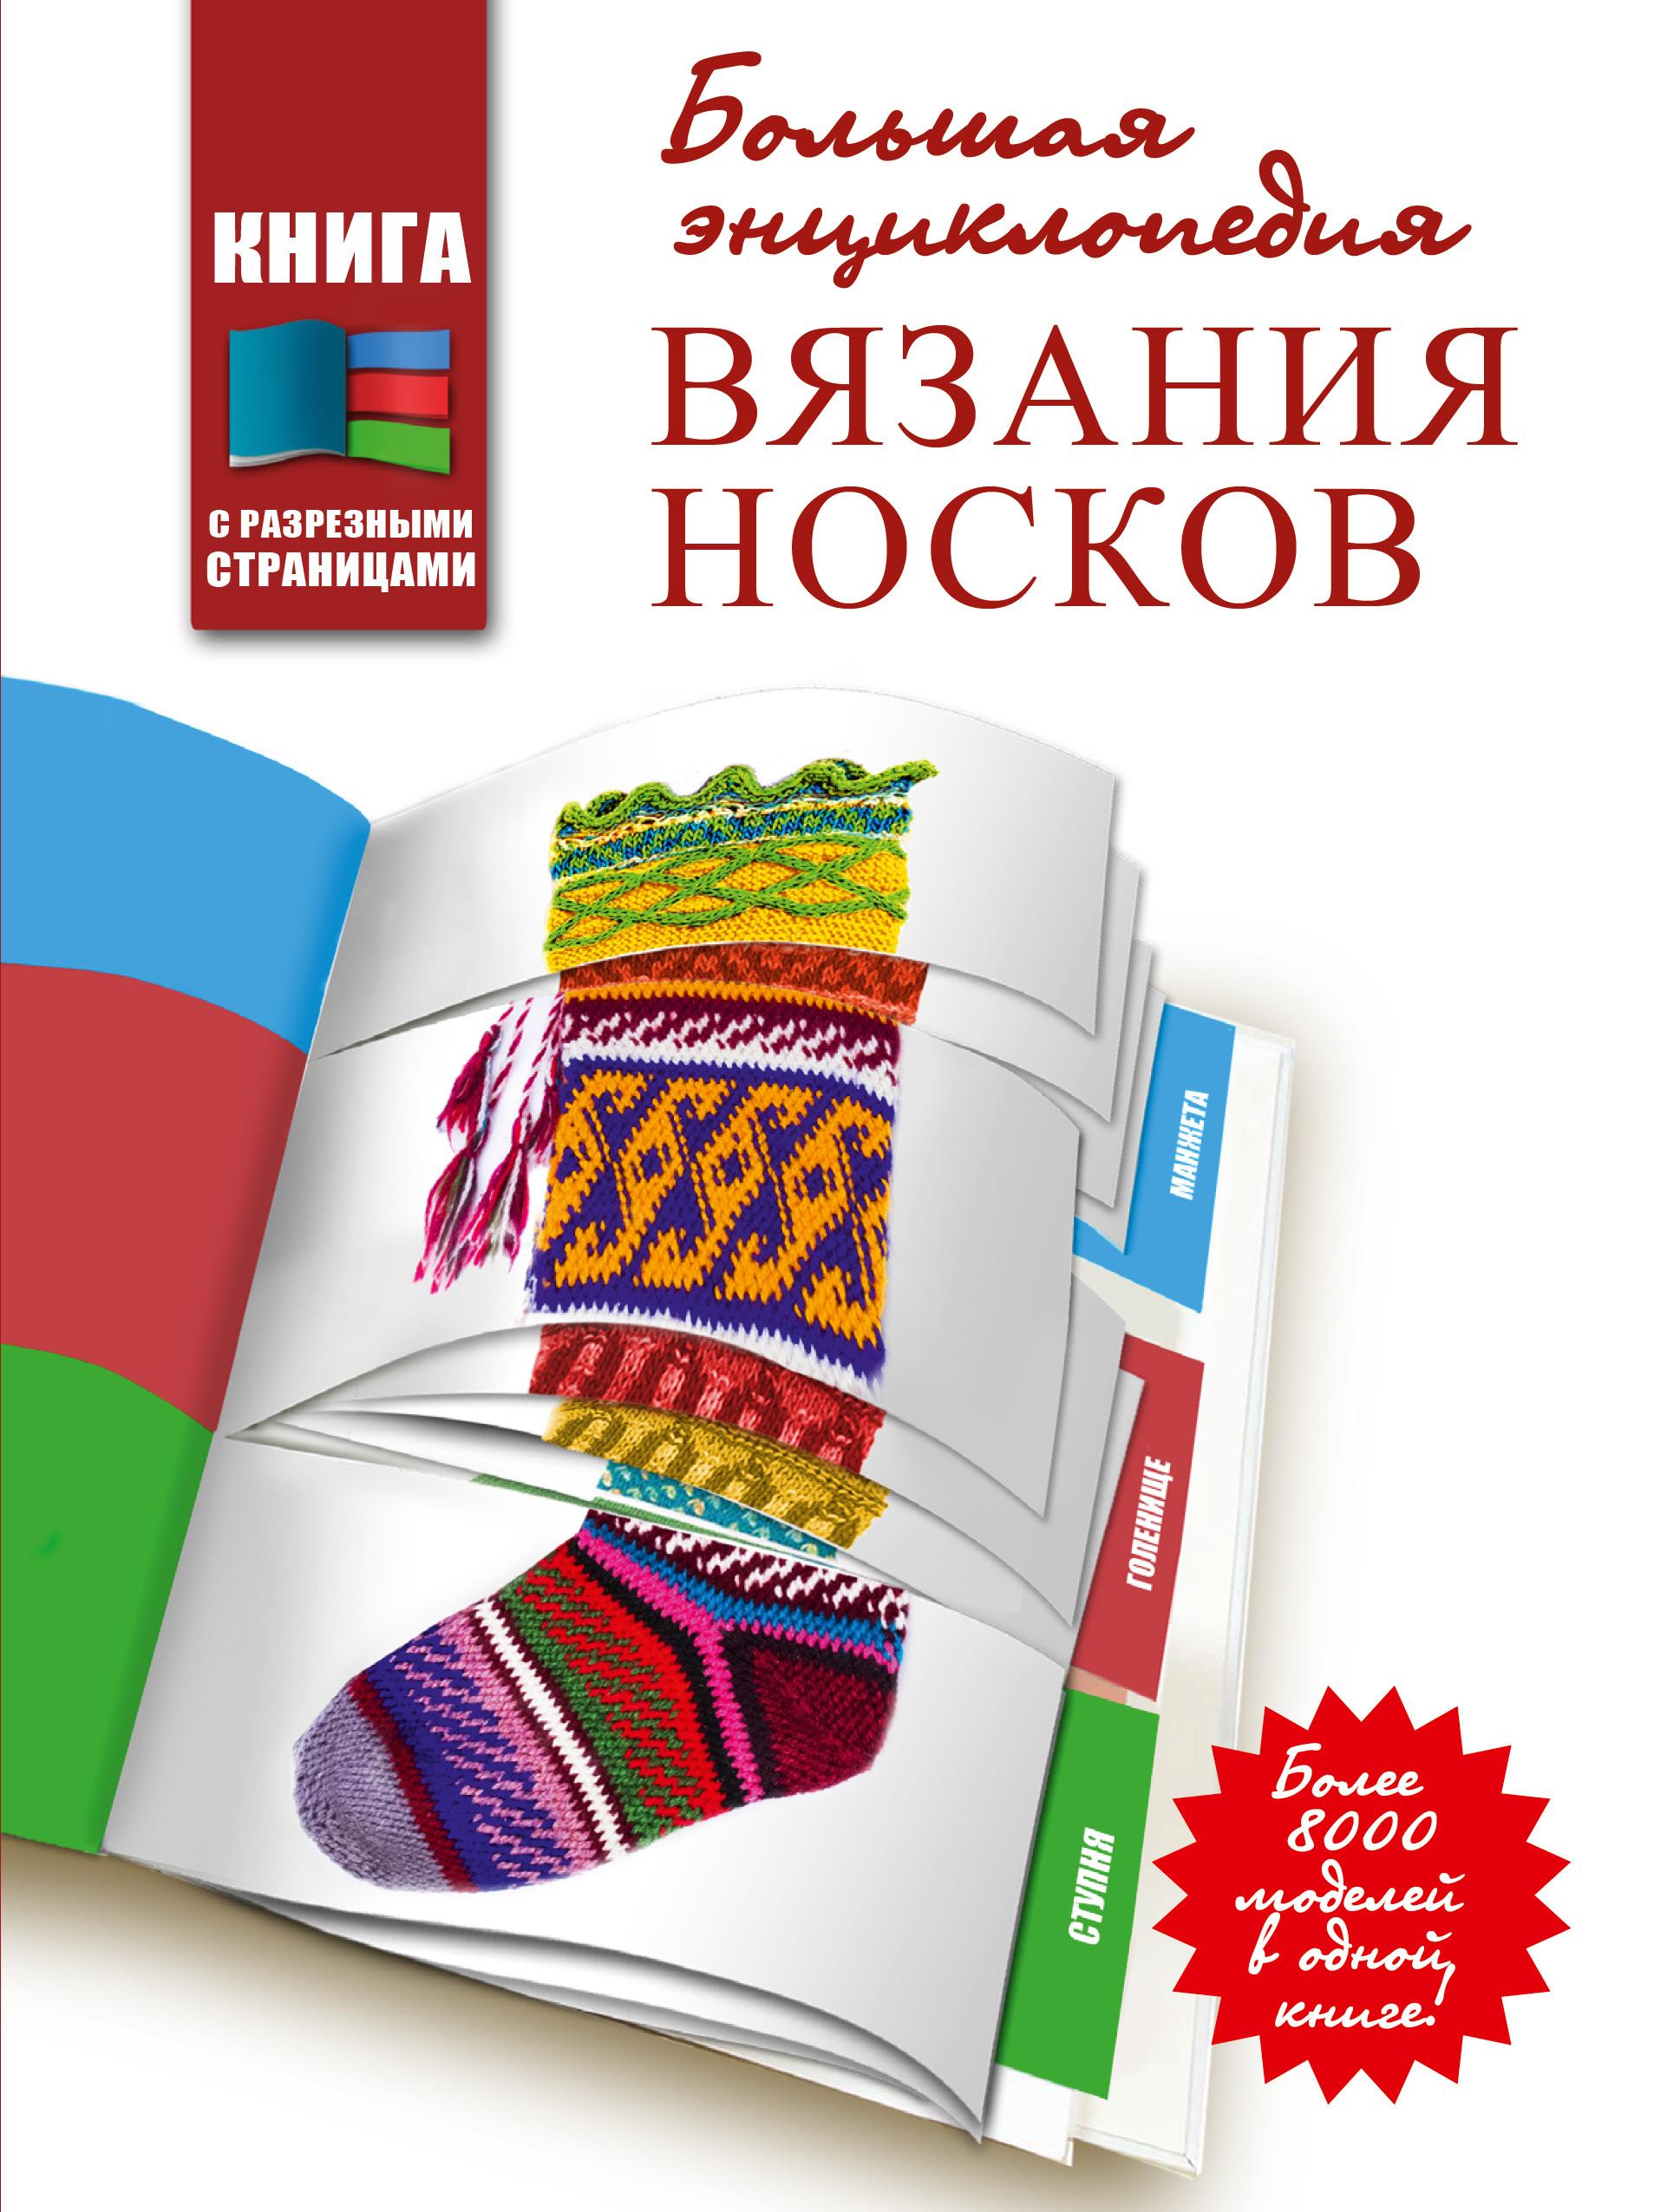 Раффино Д., Кэйд К. Большая энциклопедия вязания носков